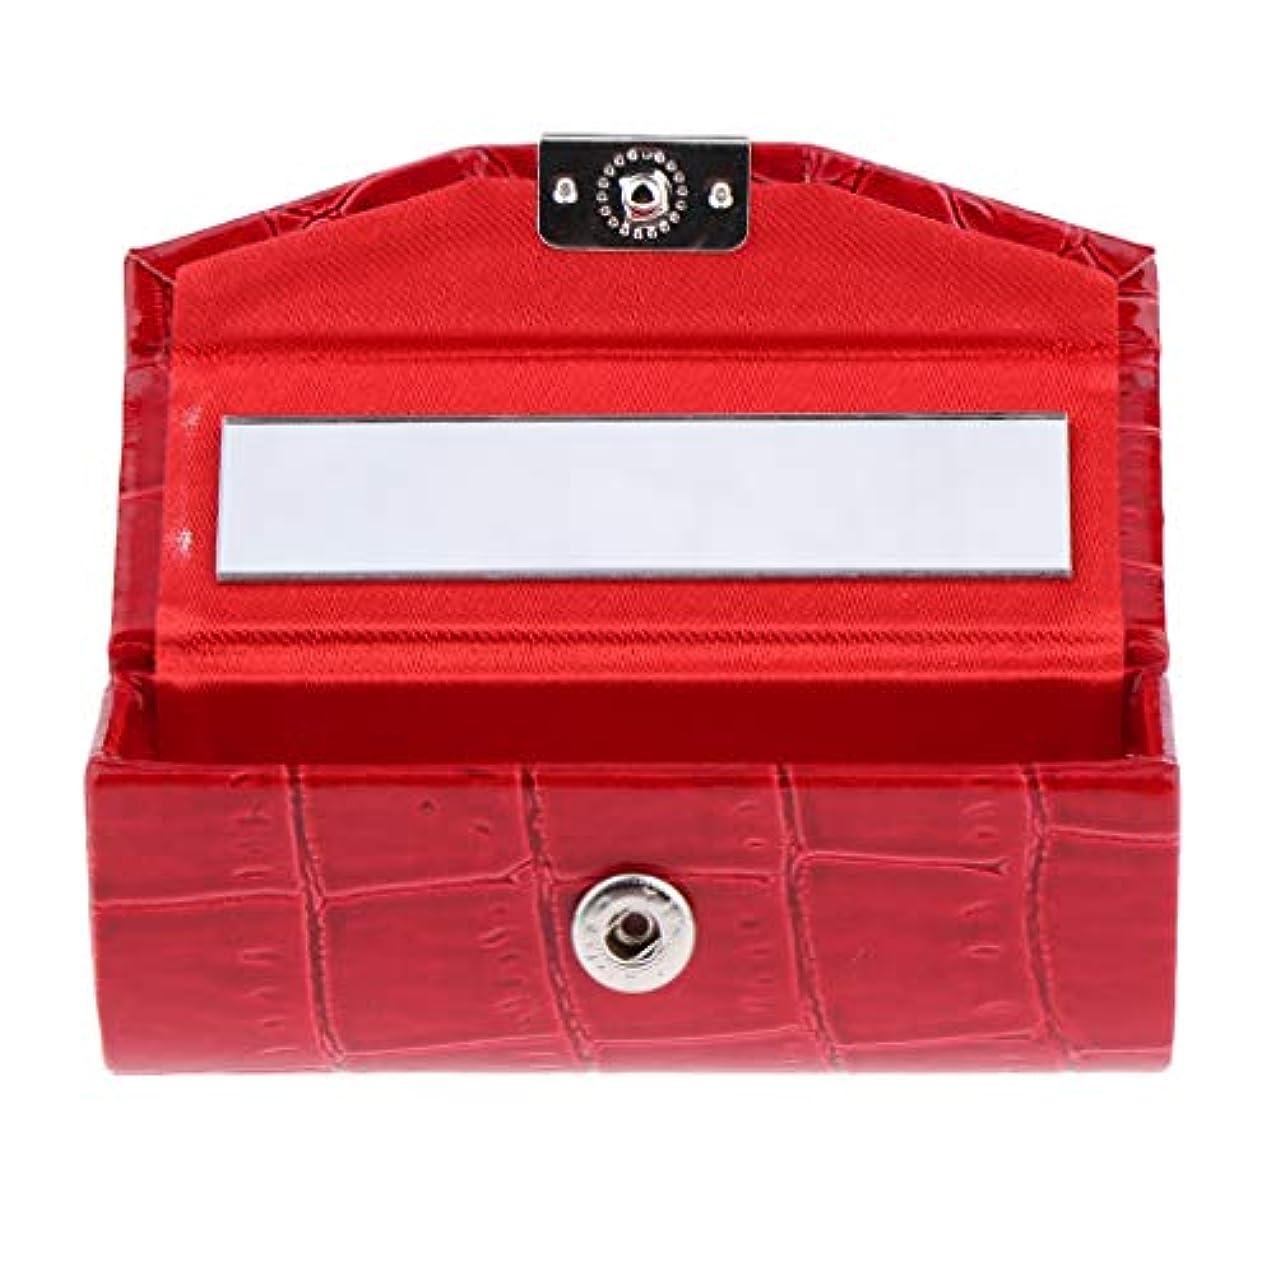 ファンネルウェブスパイダー市民苦痛全10色 化粧ポーチ 口紅ホルダー リネンカバー リップスティック リップグロス 収納ケース - レッド